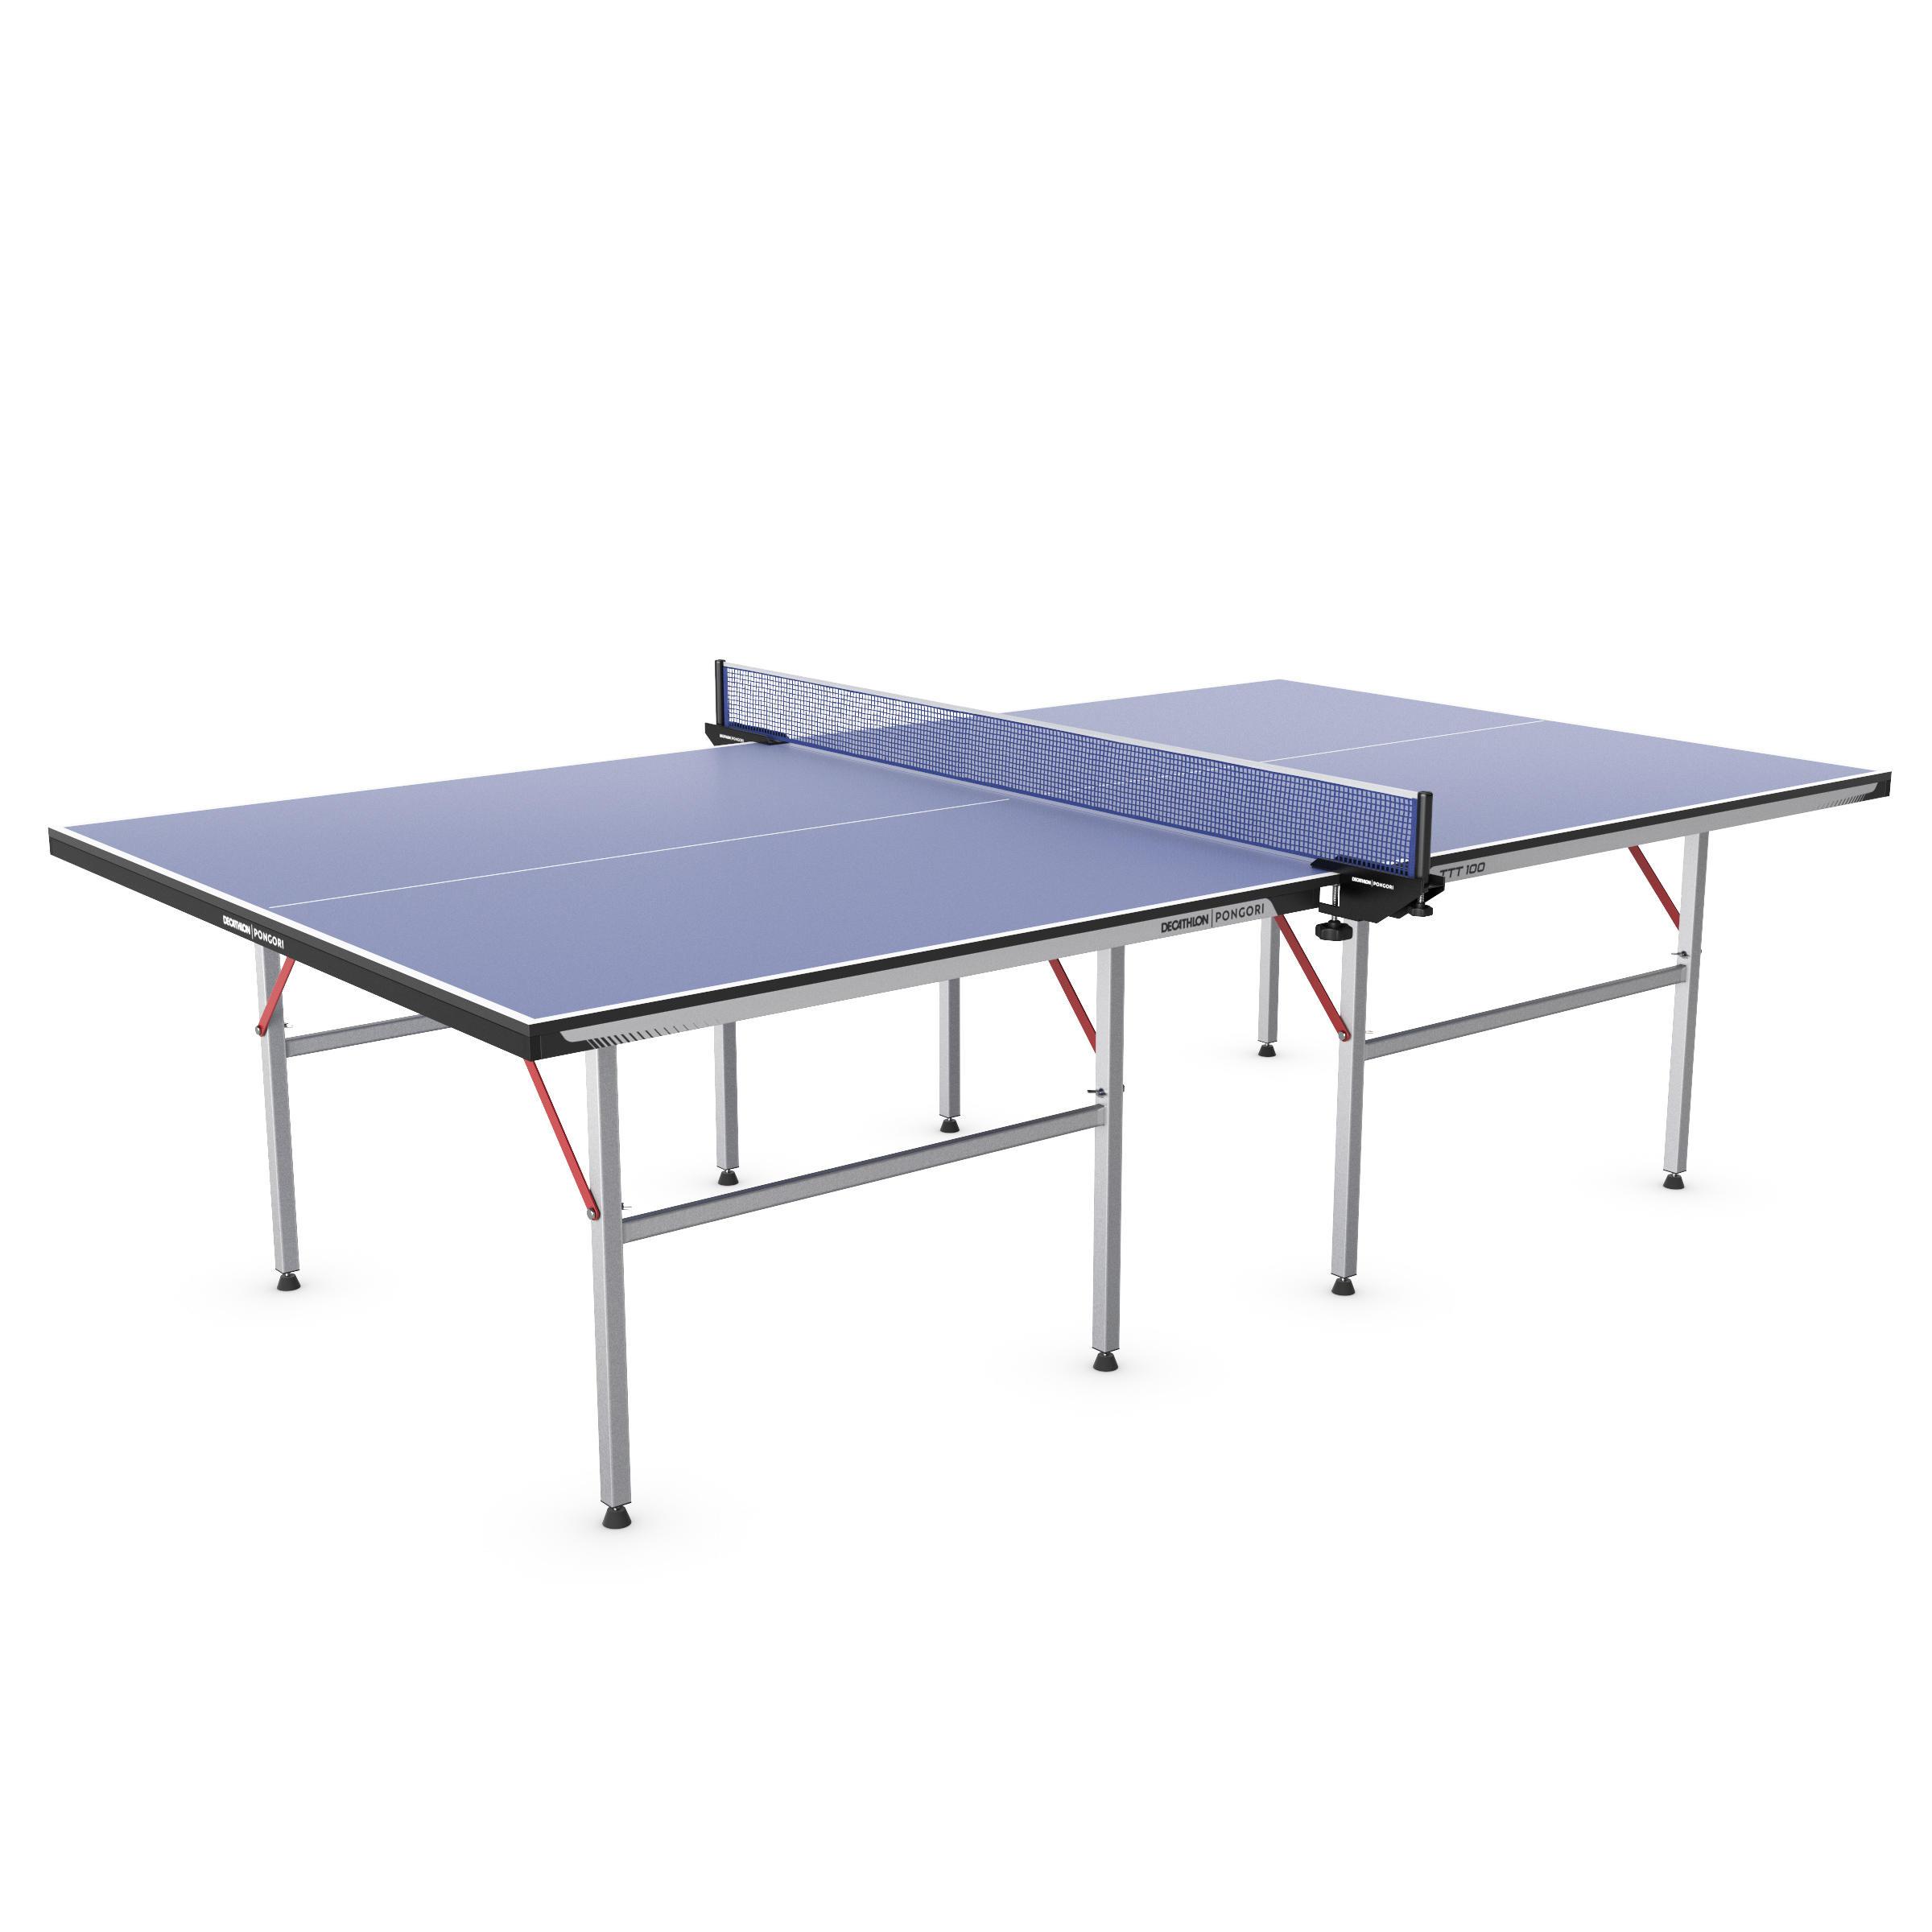 Table Tennis Table Ttt100 Indoor